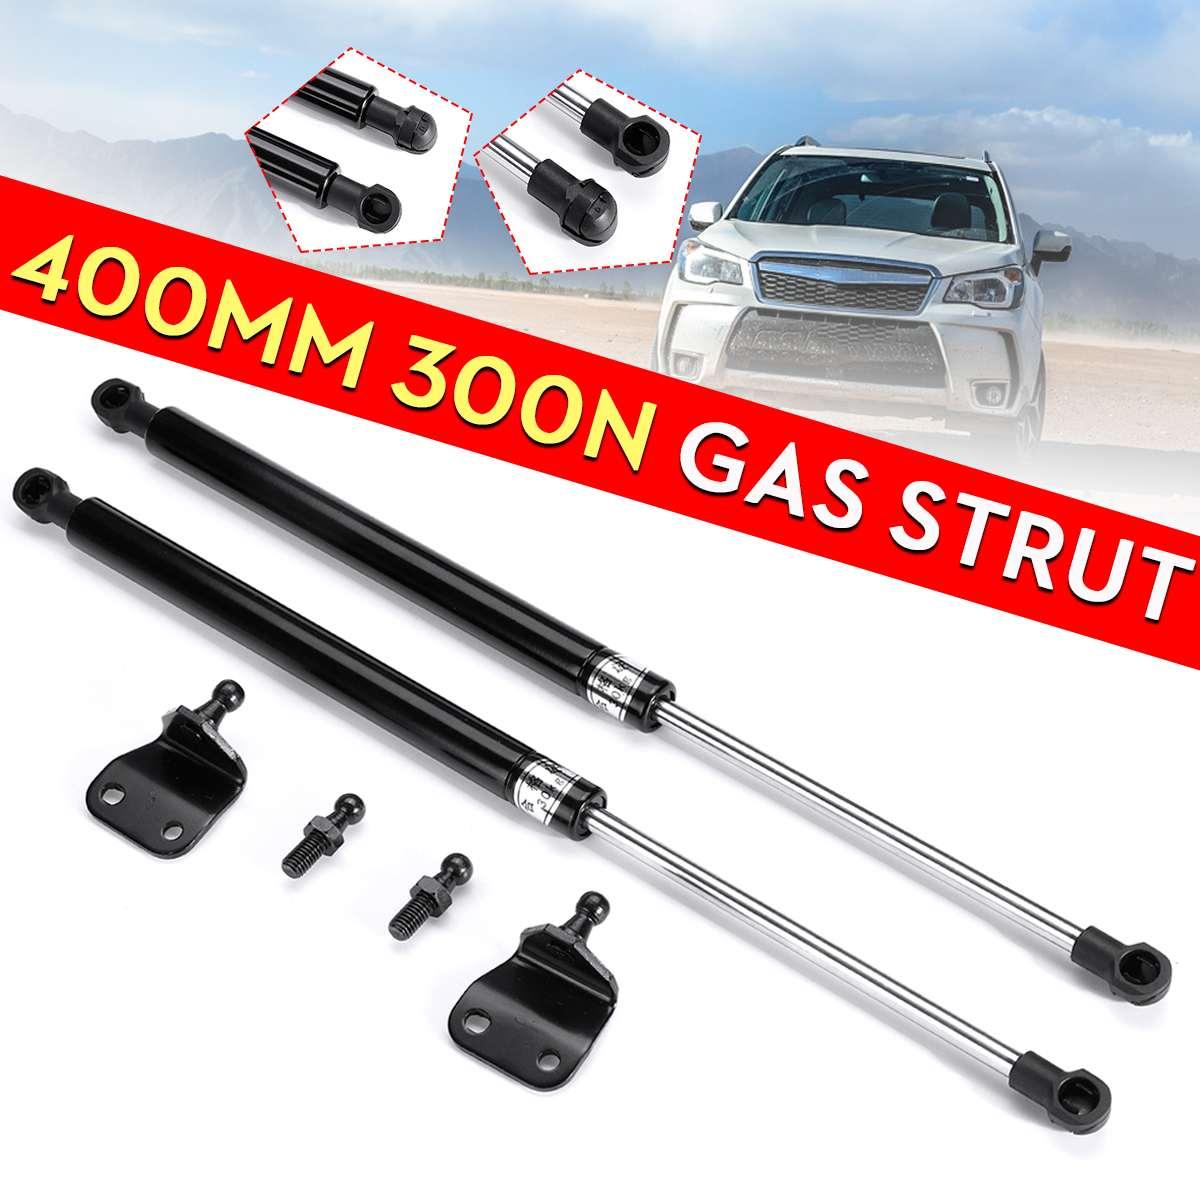 2X Универсальные 40 см 400 мм 300N Автомобильные стойки, передняя крышка капота, задний багажник багажника, багажника, амортизатор, опорная стойка, газовая пружина